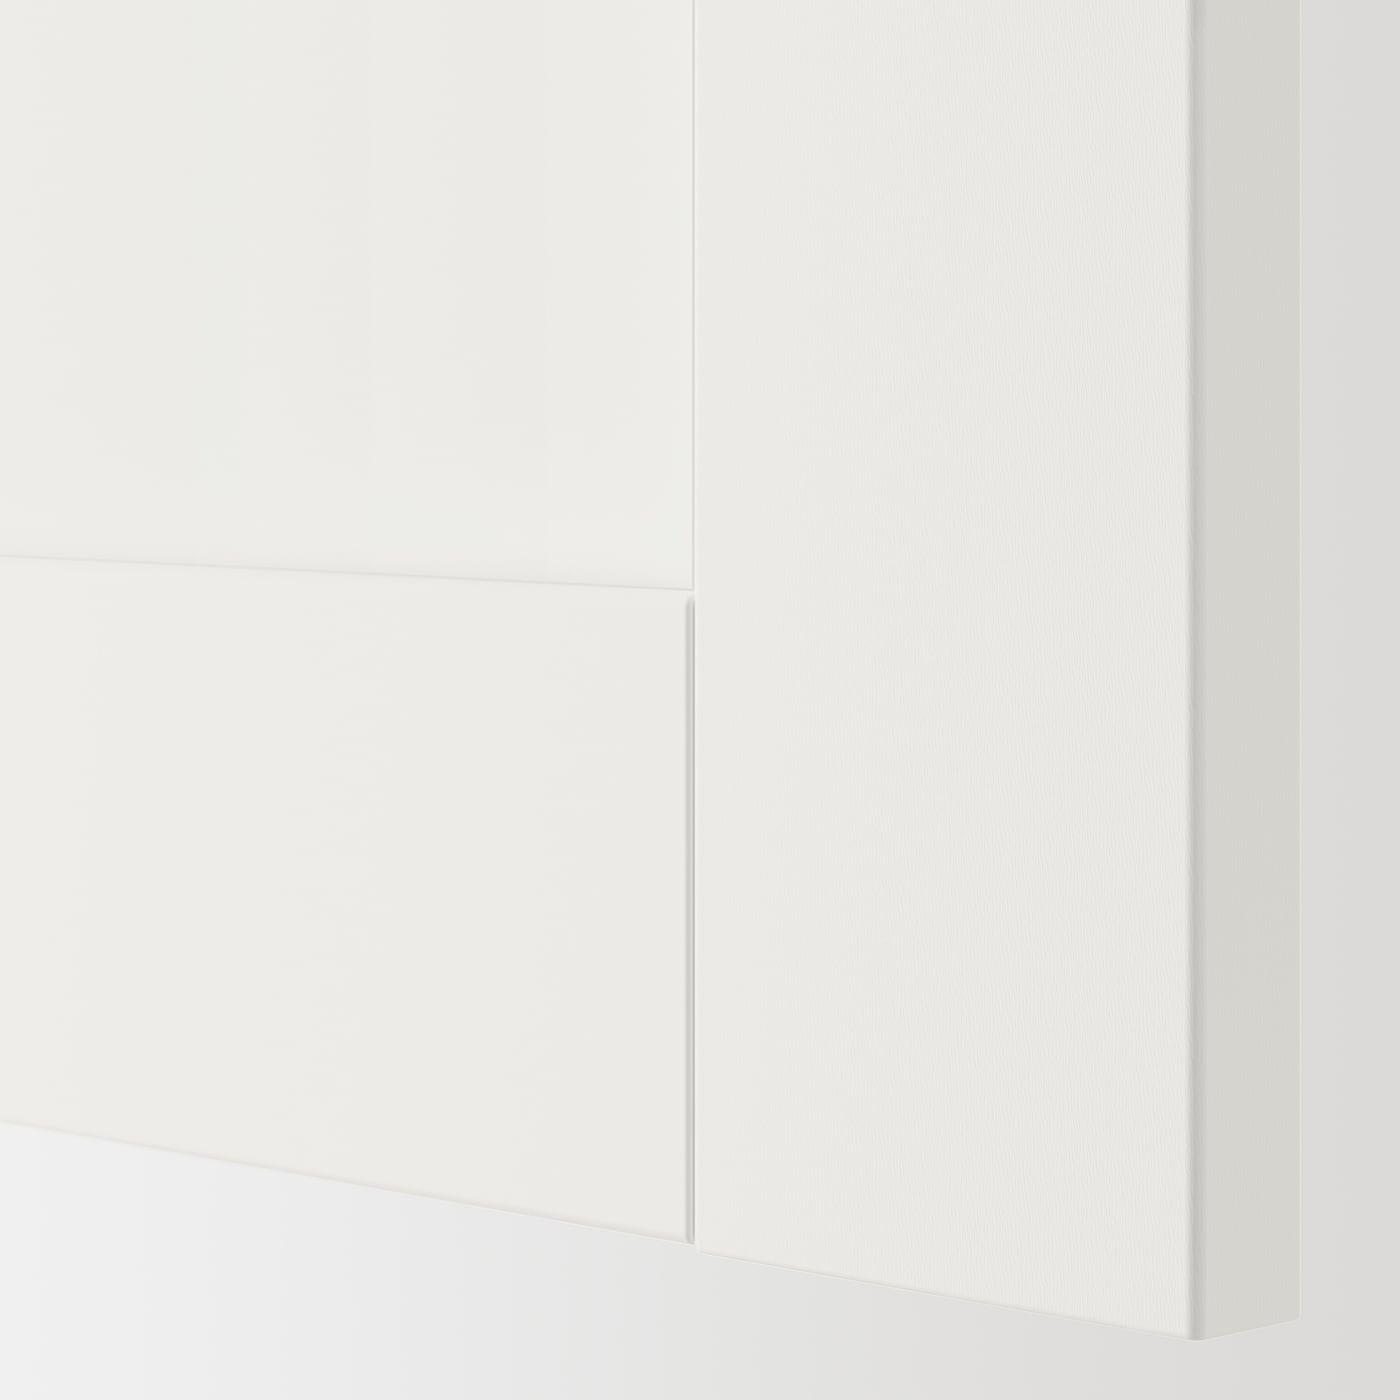 ENHET Onderkast met 3 lades, wit/wit frame, 60x60x75 cm